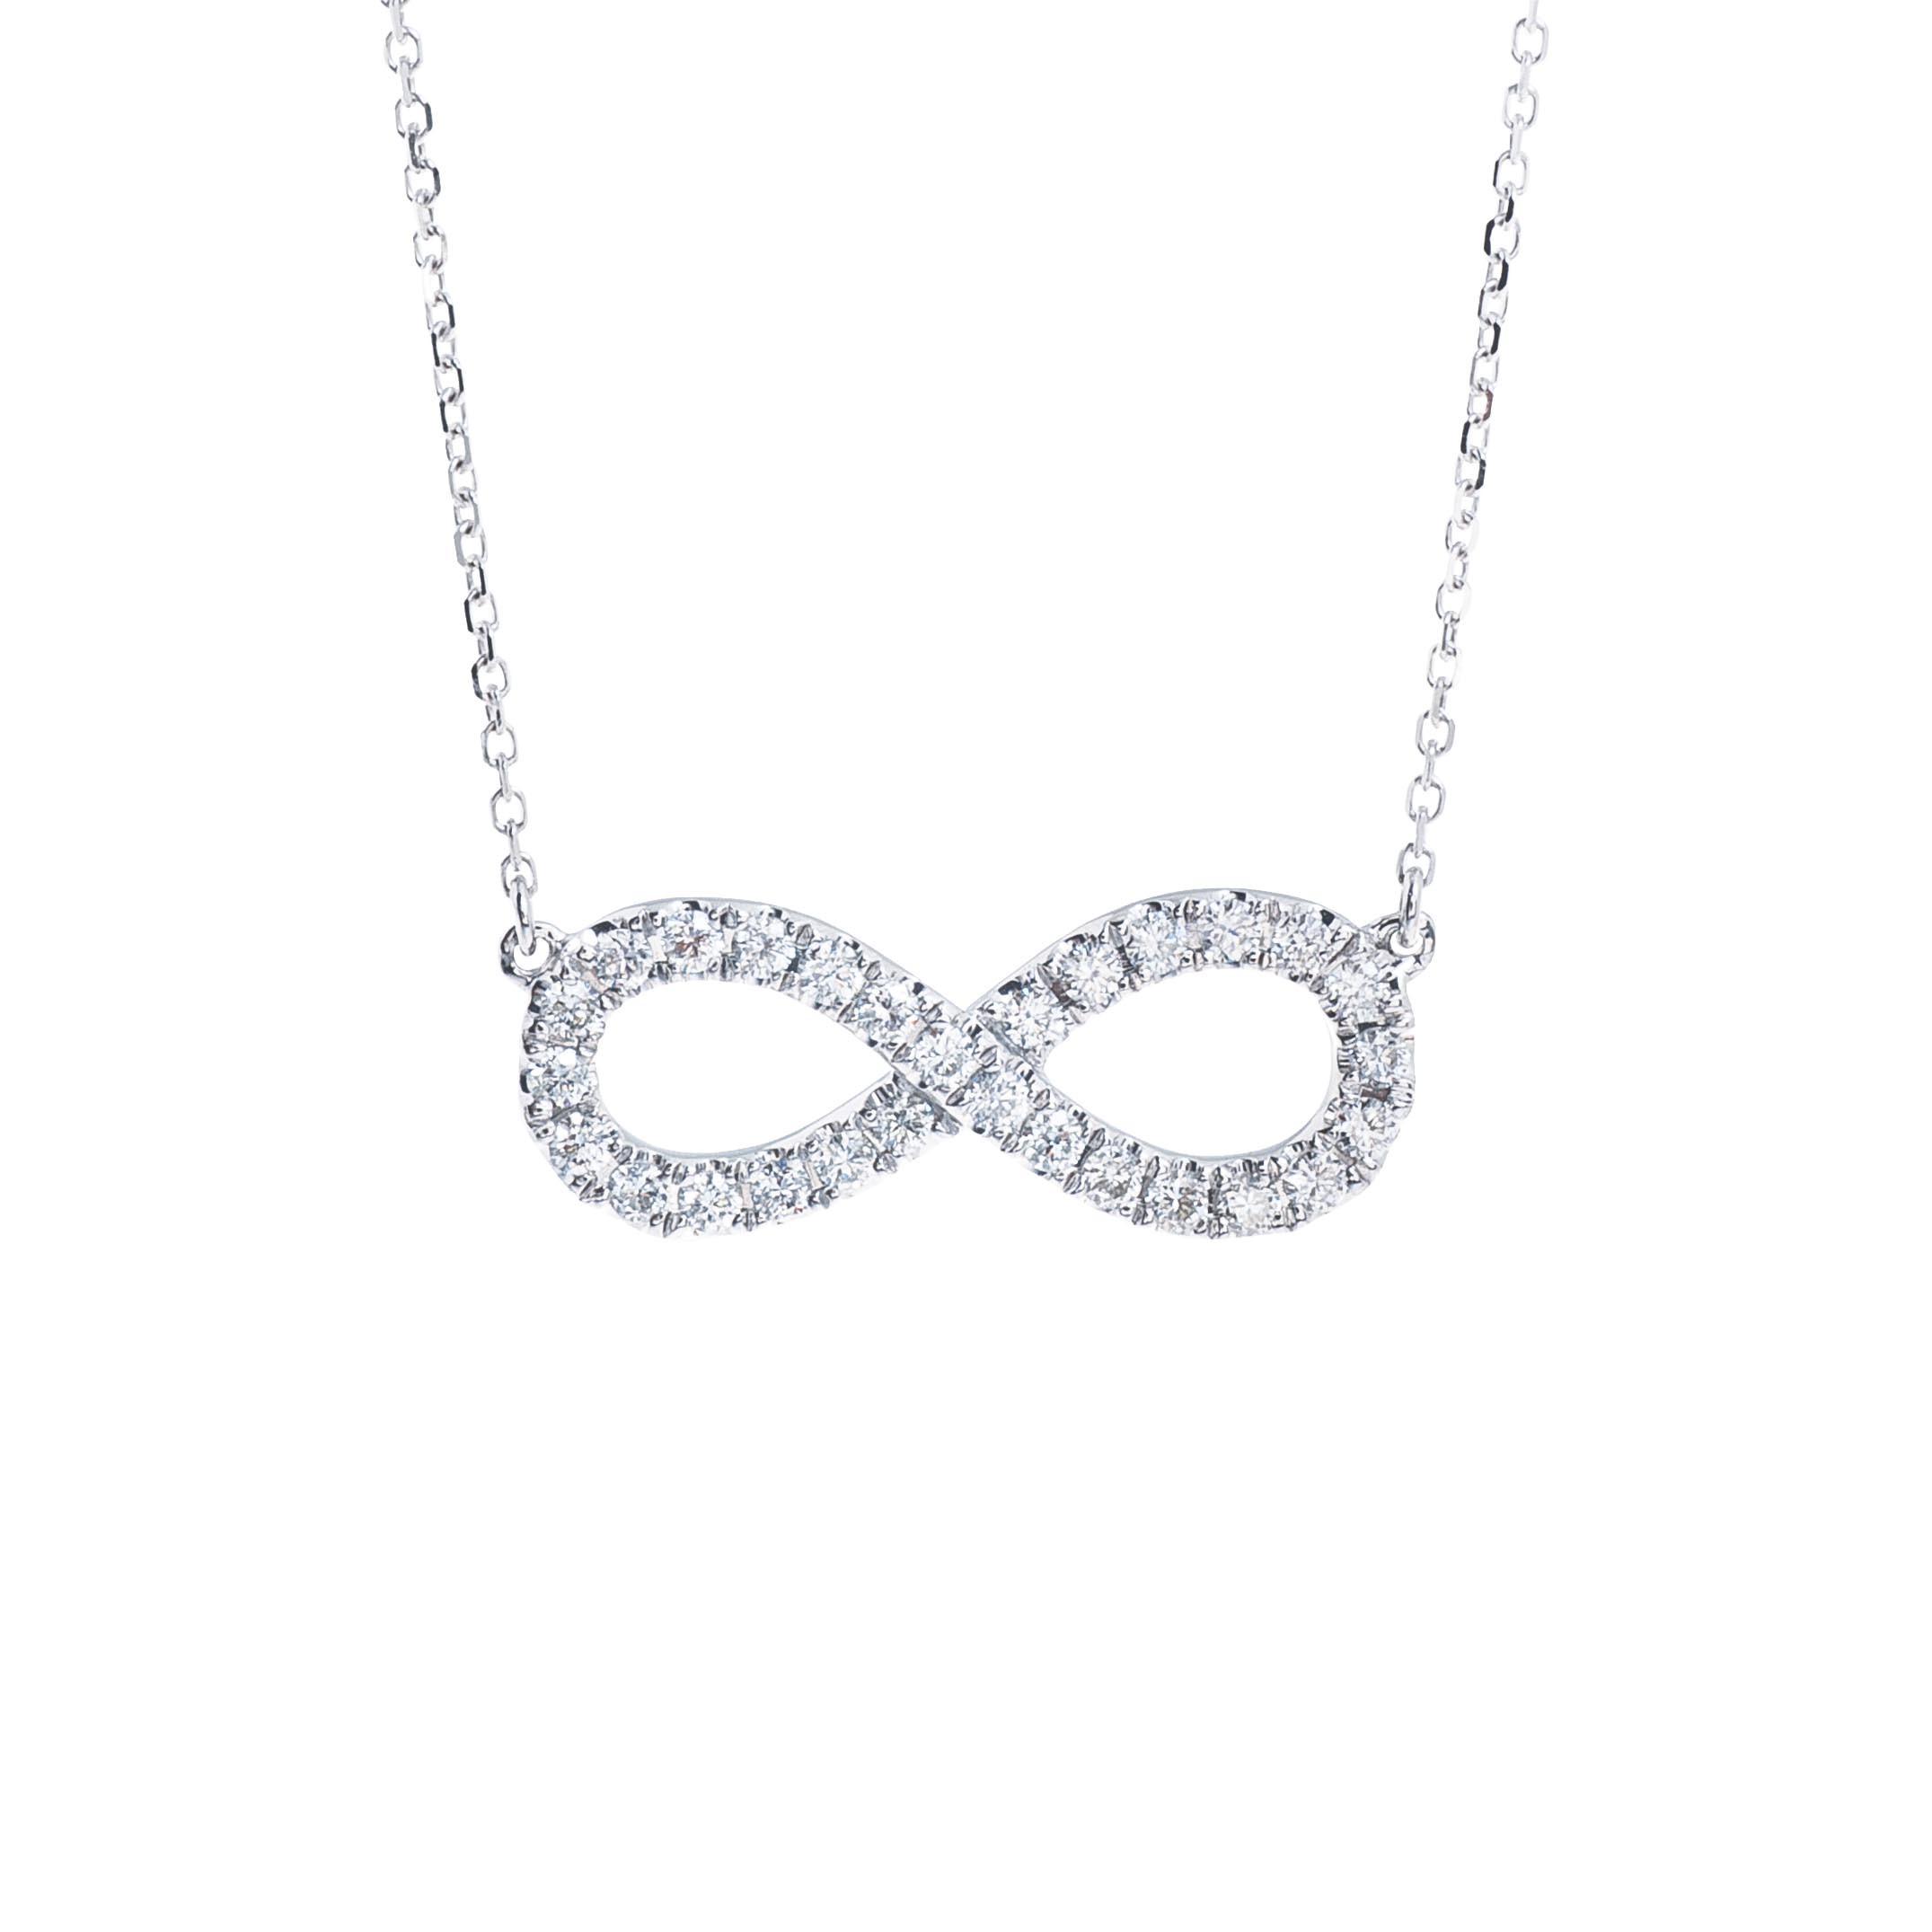 New Venetti 0.36 CTW Diamond Infinity Necklace